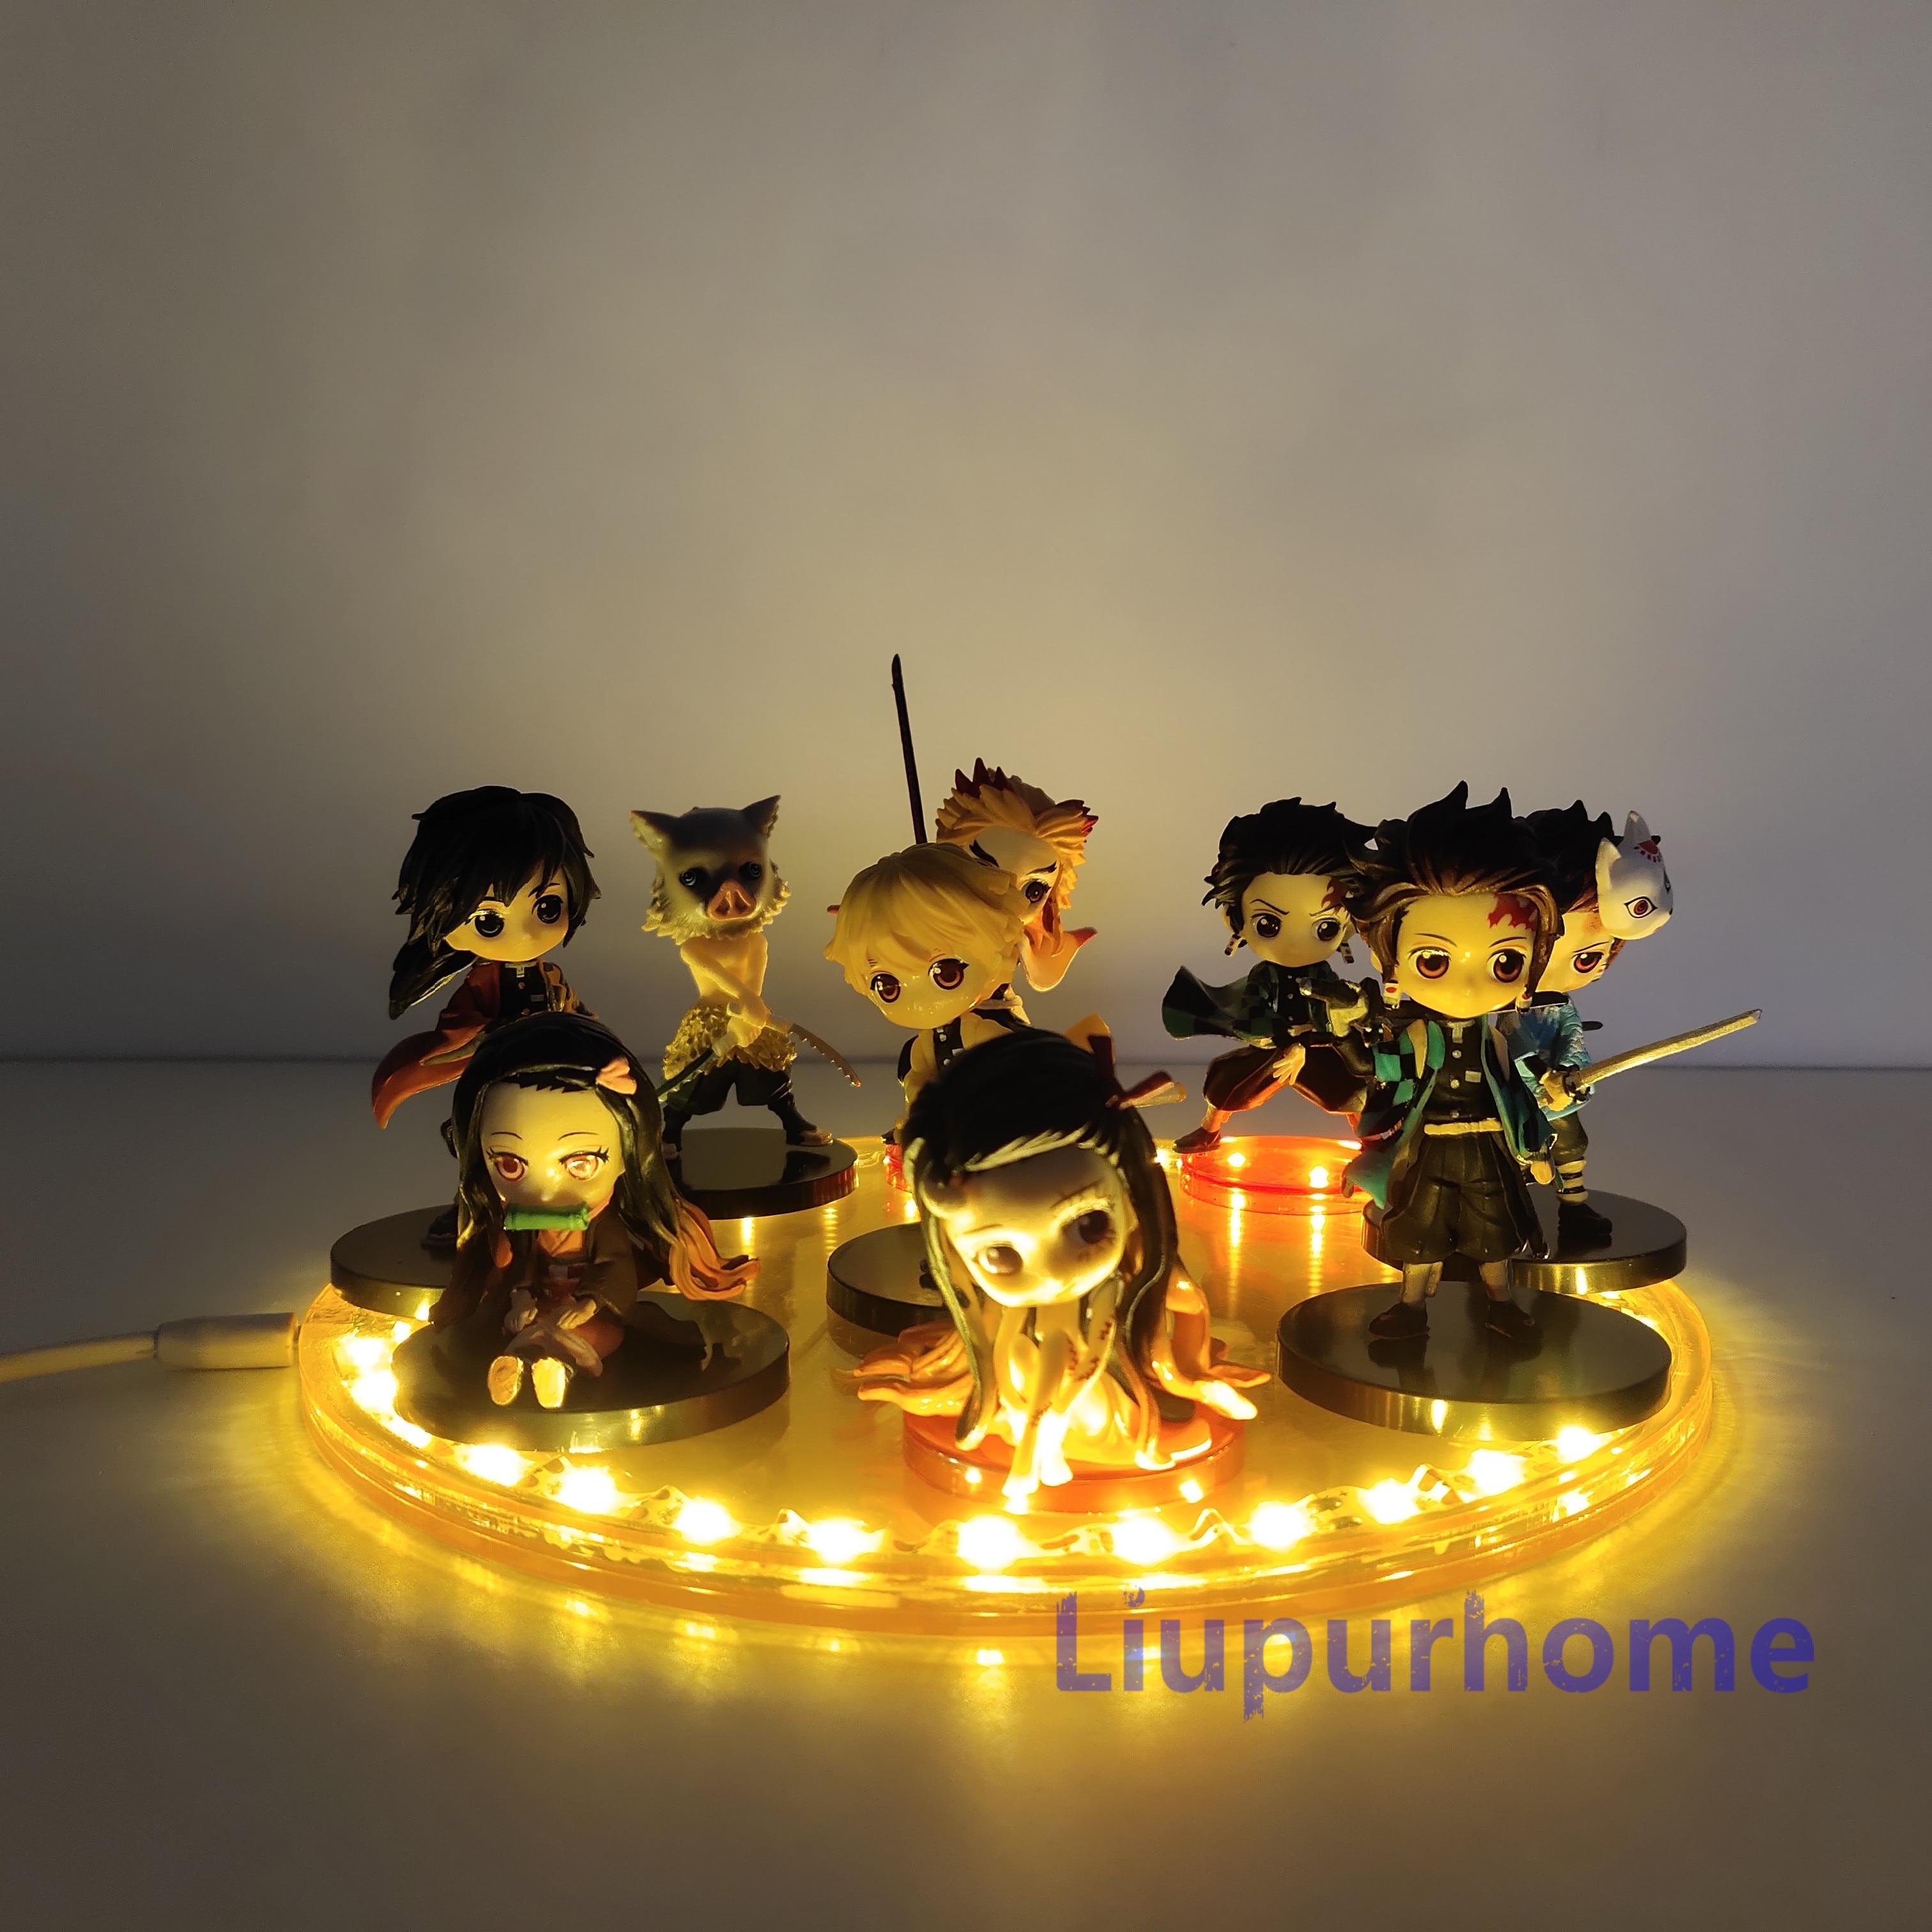 Demônio slayer led night light tanjirou nezuko zenitsu anime estatueta lampara kimetsu não yaiba crianças brinquedos presentes figma quarto lâmpada